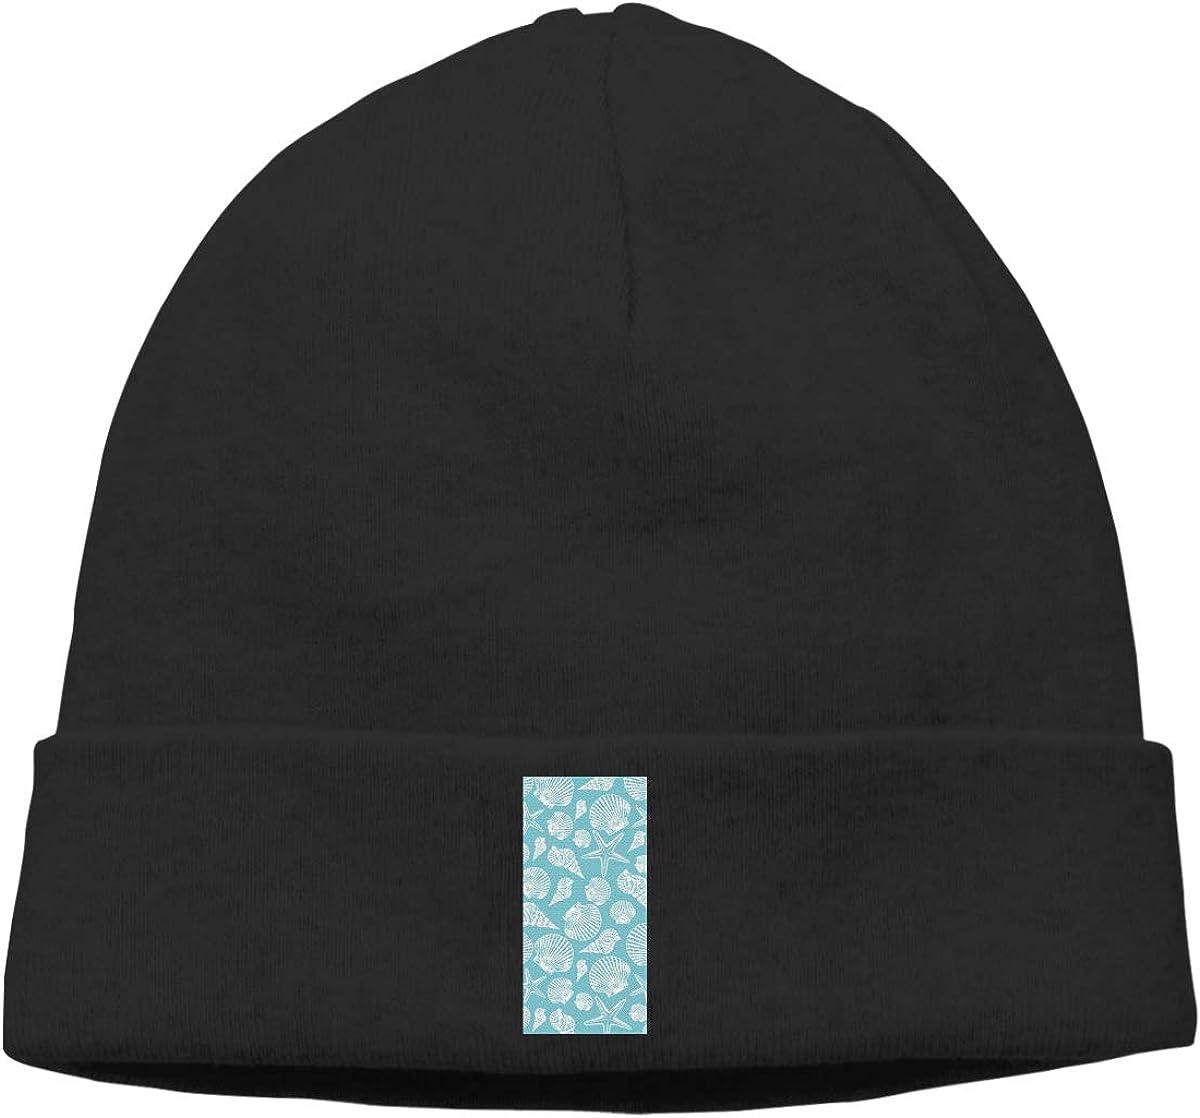 Nskngr Shellfish Cap Men Winter Summer Chunky Skull Cap Winter Hats